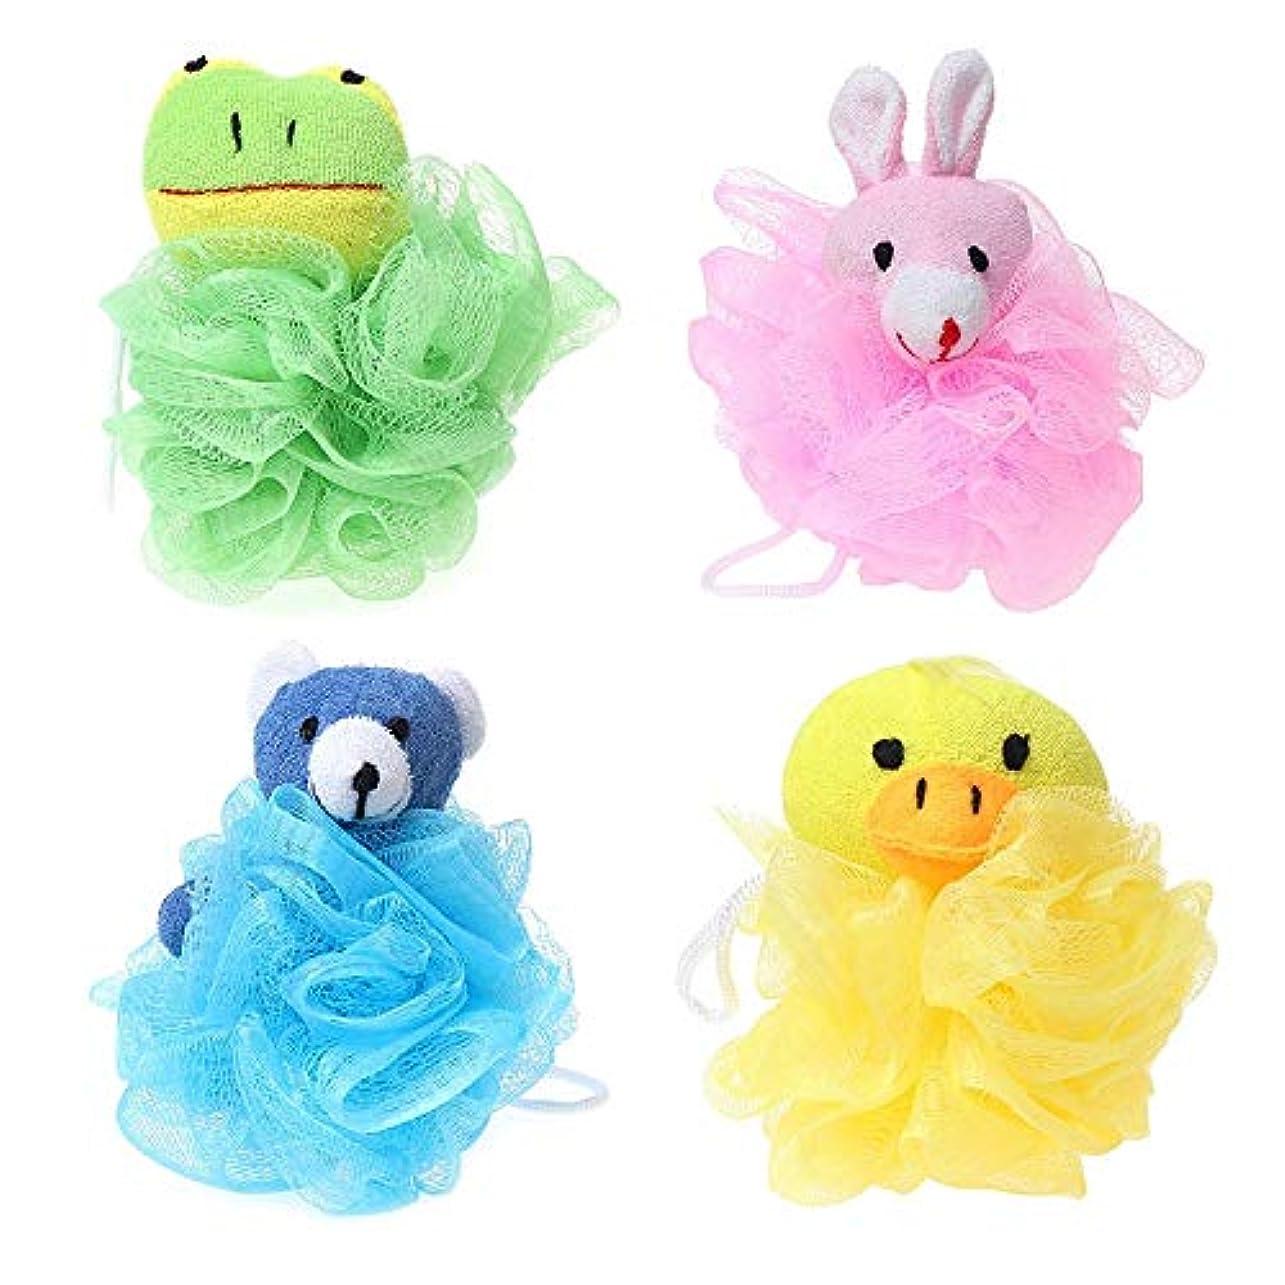 マイナス遺伝的文芸TOOGOO 子供用おもちゃクッションパフメッシュぬいぐるみ付き(4パック)カエル、アヒル、ウサギ、クマ